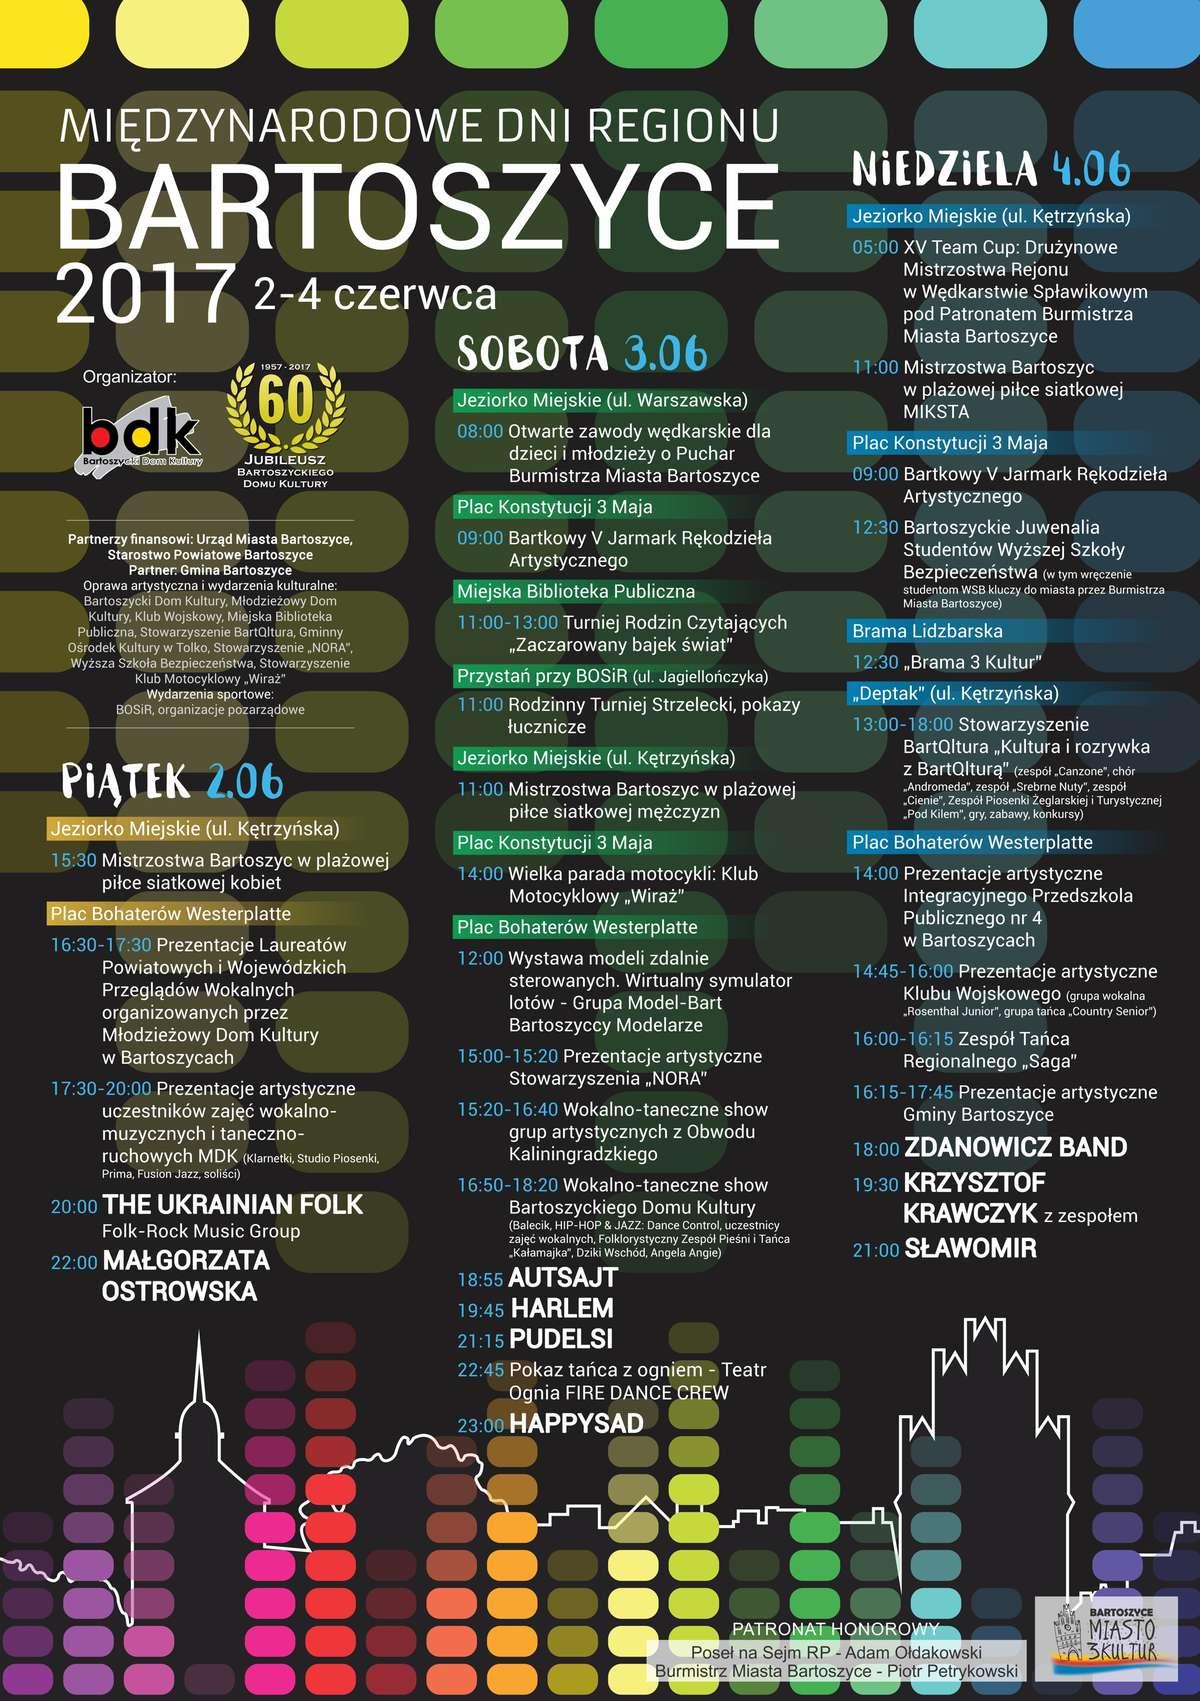 Międzynarodowe Dni Regionu Bartoszyce 2017 - full image